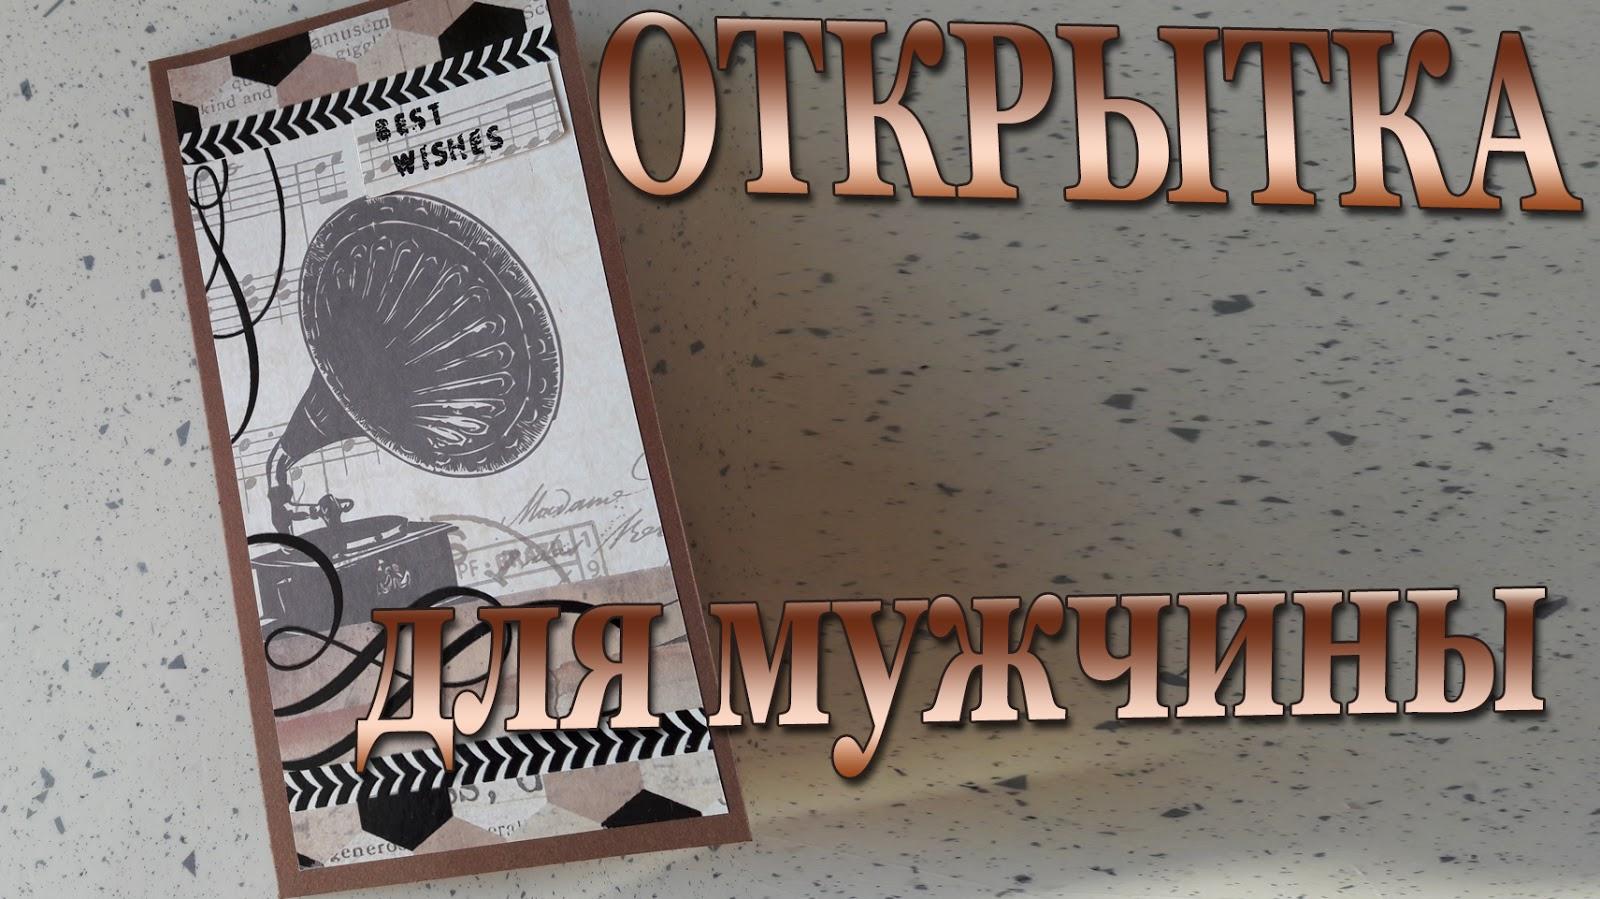 Мужчинам на а4 открытка